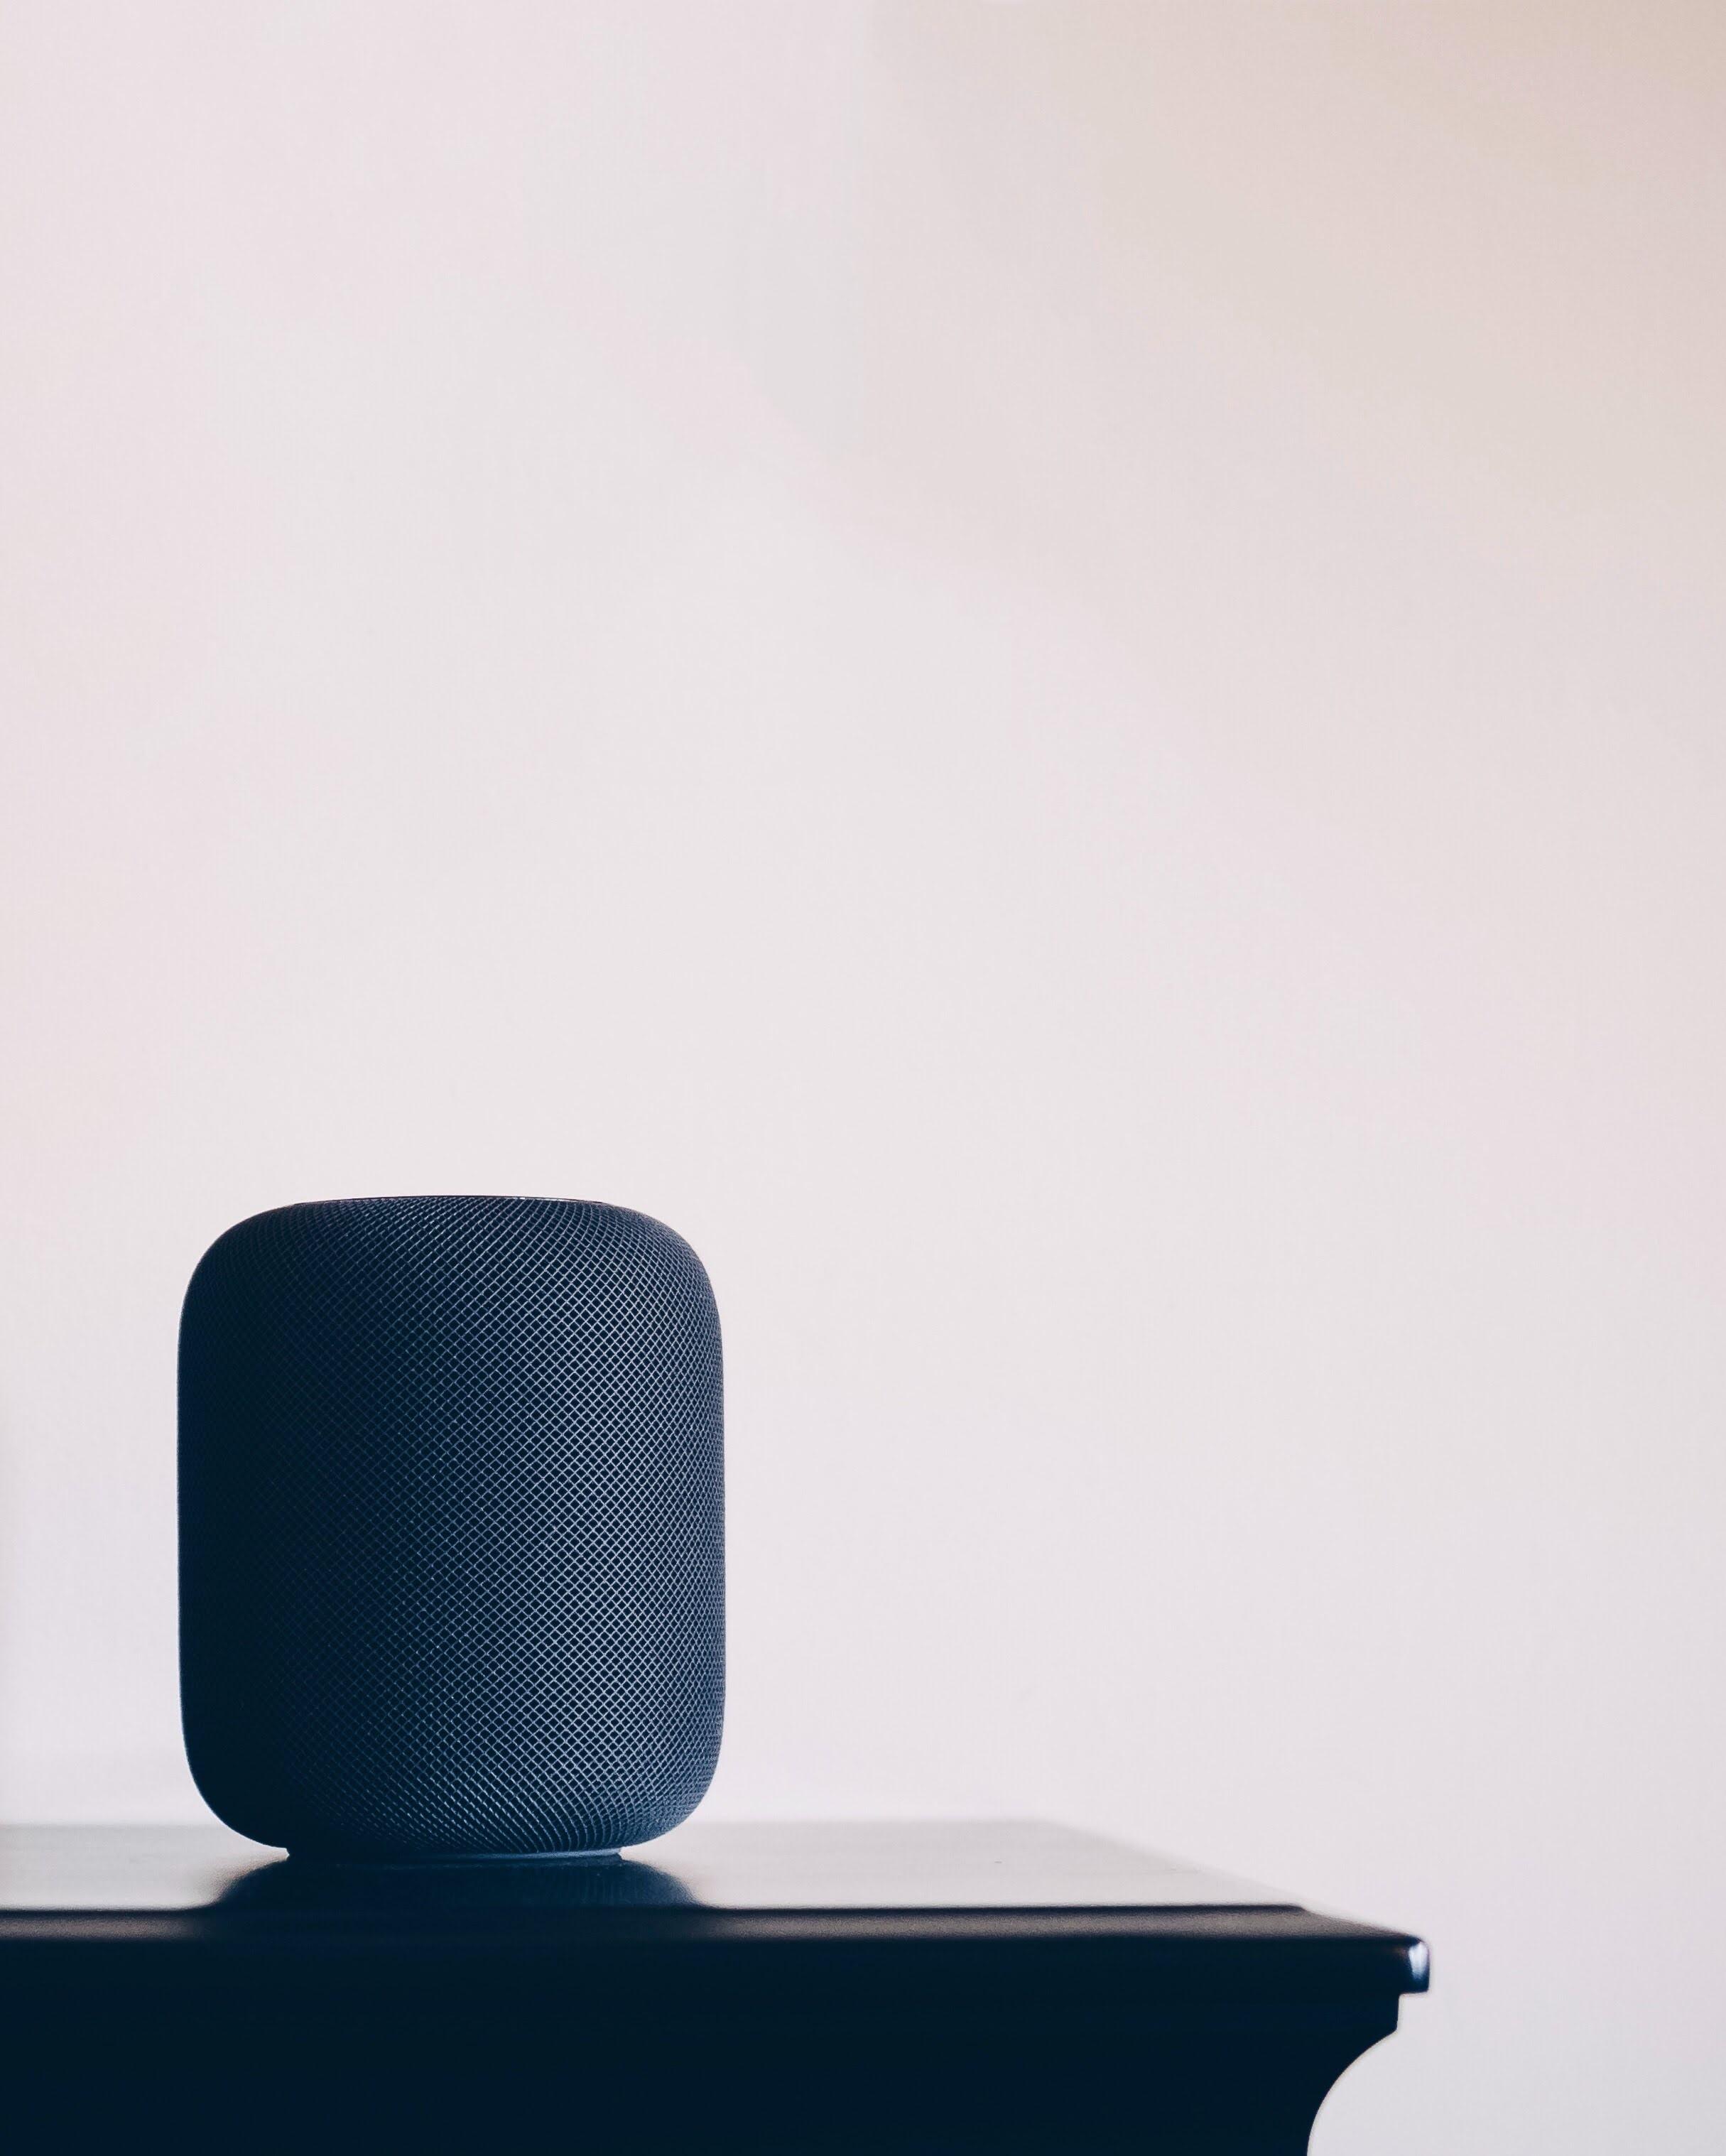 Immagine di un moderno smart speaker